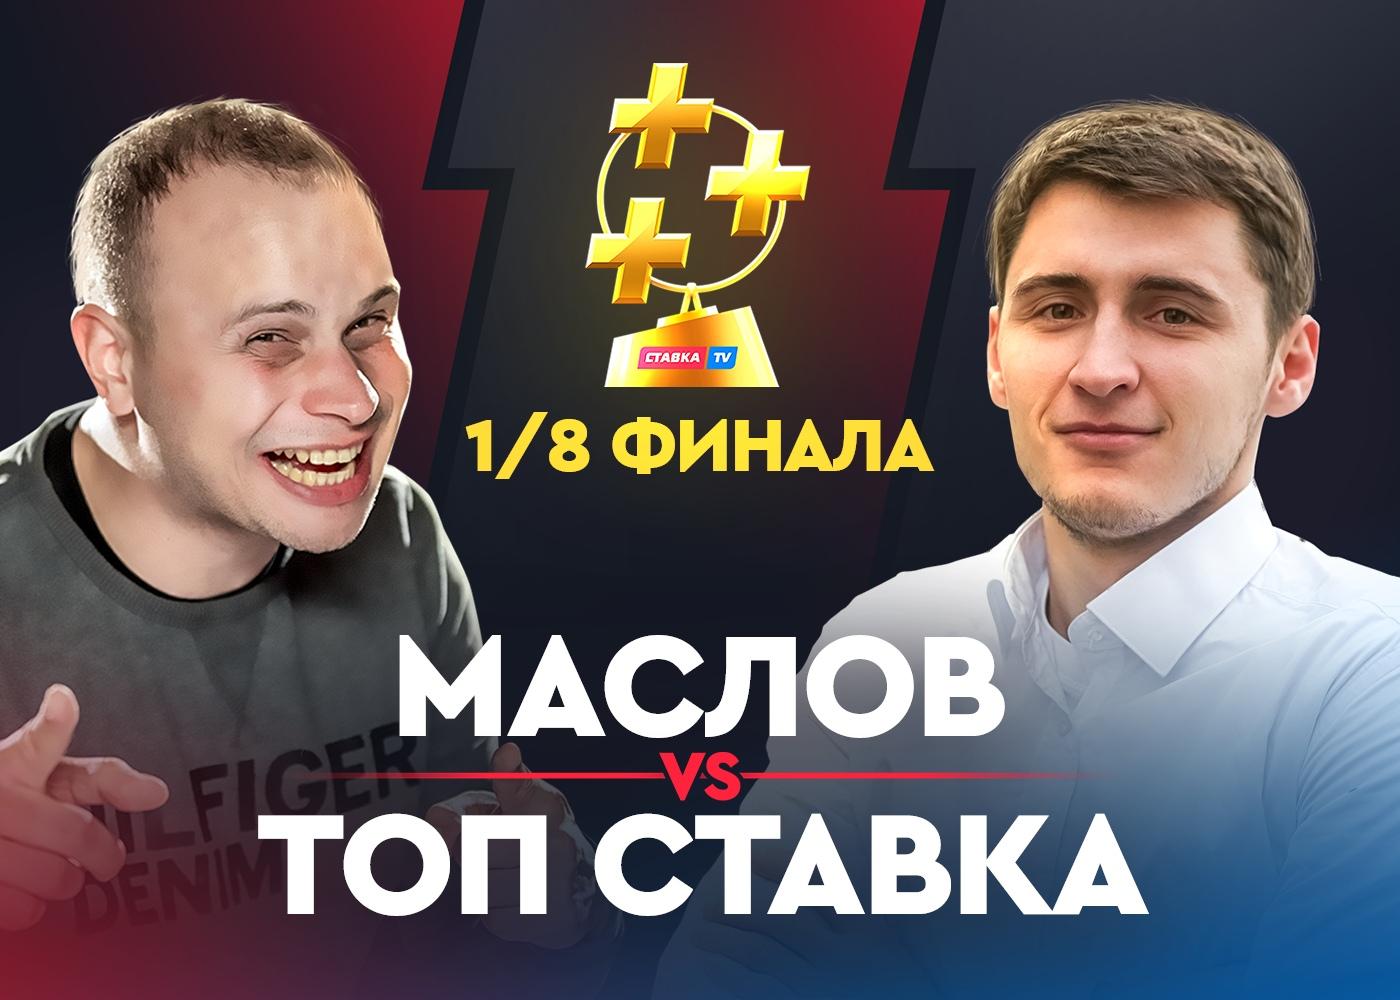 Маслов vs ТОП СТАВКА. Битва блогеров в Кубке прогнозистов Рунета